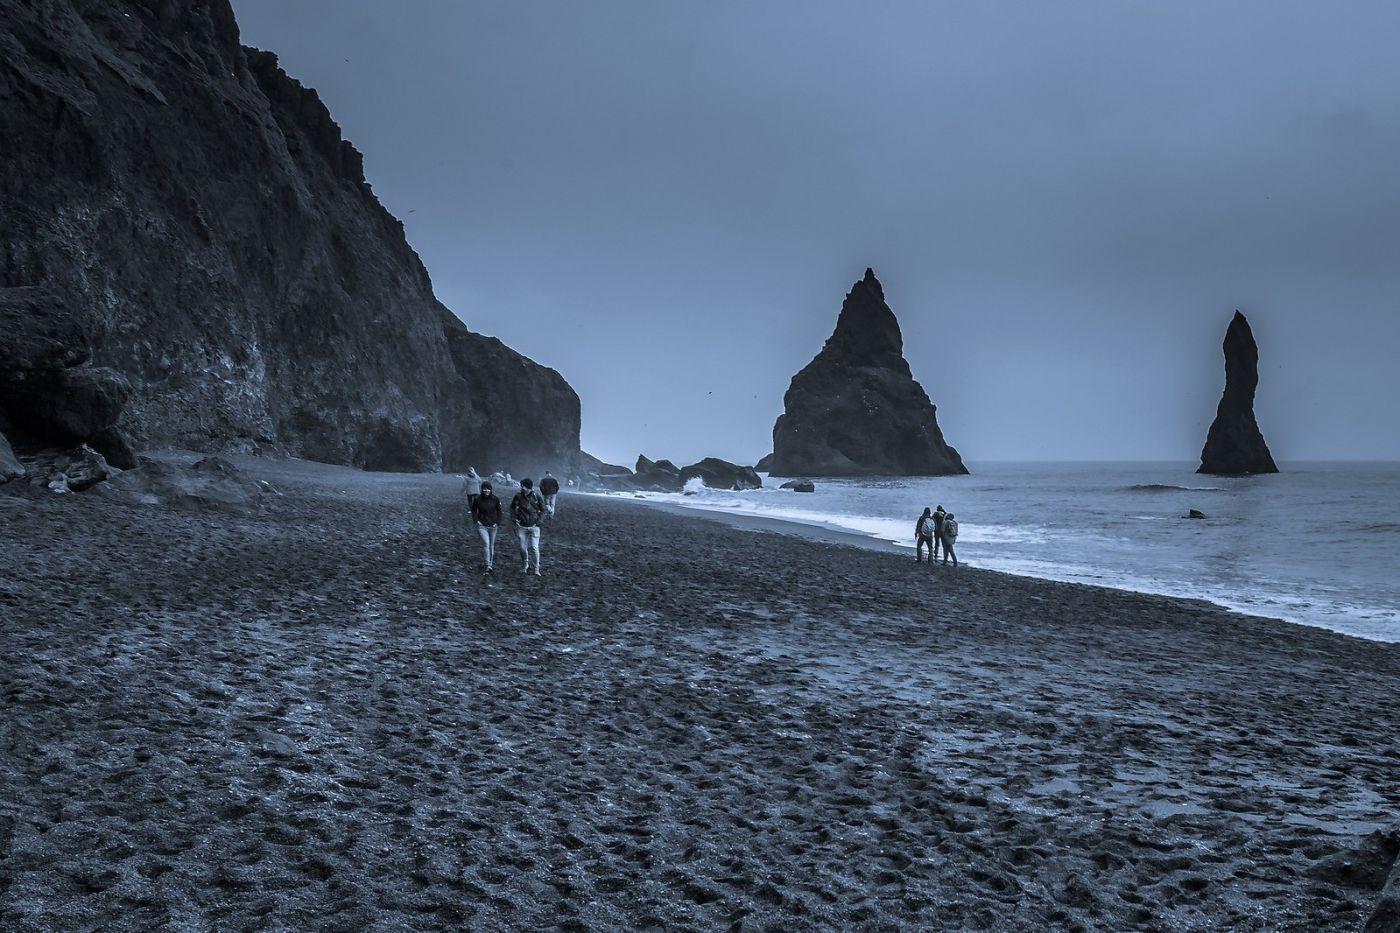 冰岛雷尼斯法加拉黑沙滩(Reynisfjara Black Sand Beach)_图1-24